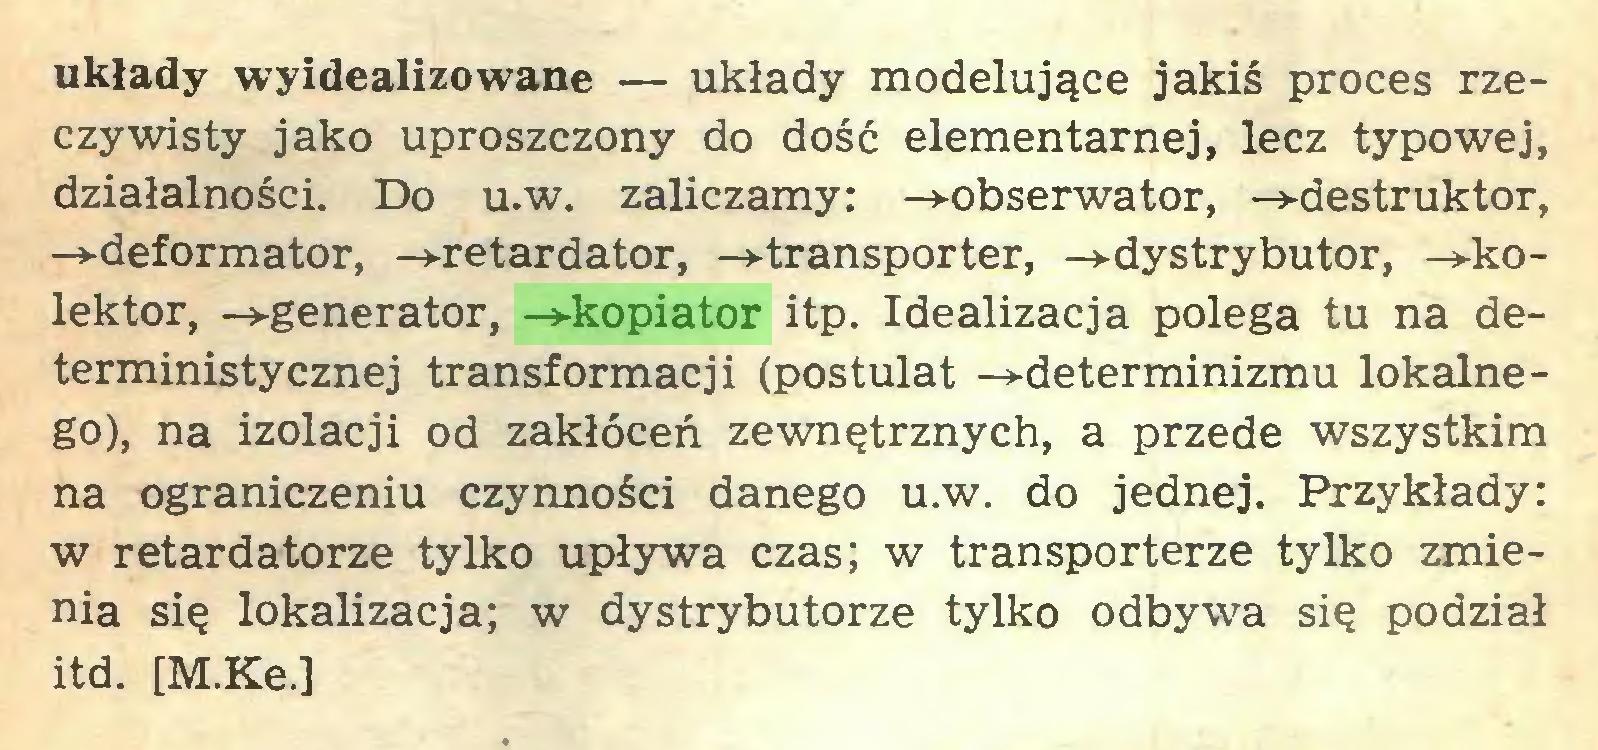 (...) układy wyidealizowane — układy modelujące jakiś proces rzeczywisty jako uproszczony do dość elementarnej, lecz typowej, działalności. Do u.w. zaliczamy: -»-obserwator, -»-destruktor, -»-deformator, -»-retardator, -»-transporter, -»-dystrybutor, -»-kolektor, -»-generator, -»-kopiator itp. Idealizacja polega tu na deterministycznej transformacji (postulat -»-determinizmu lokalnego), na izolacji od zakłóceń zewnętrznych, a przede wszystkim na ograniczeniu czynności danego u.w. do jednej. Przykłady: w retardatorze tylko upływa czas; w transporterze tylko zmienia się lokalizacja; w dystrybutorze tylko odbywa się podział itd. [M.Ke.]...